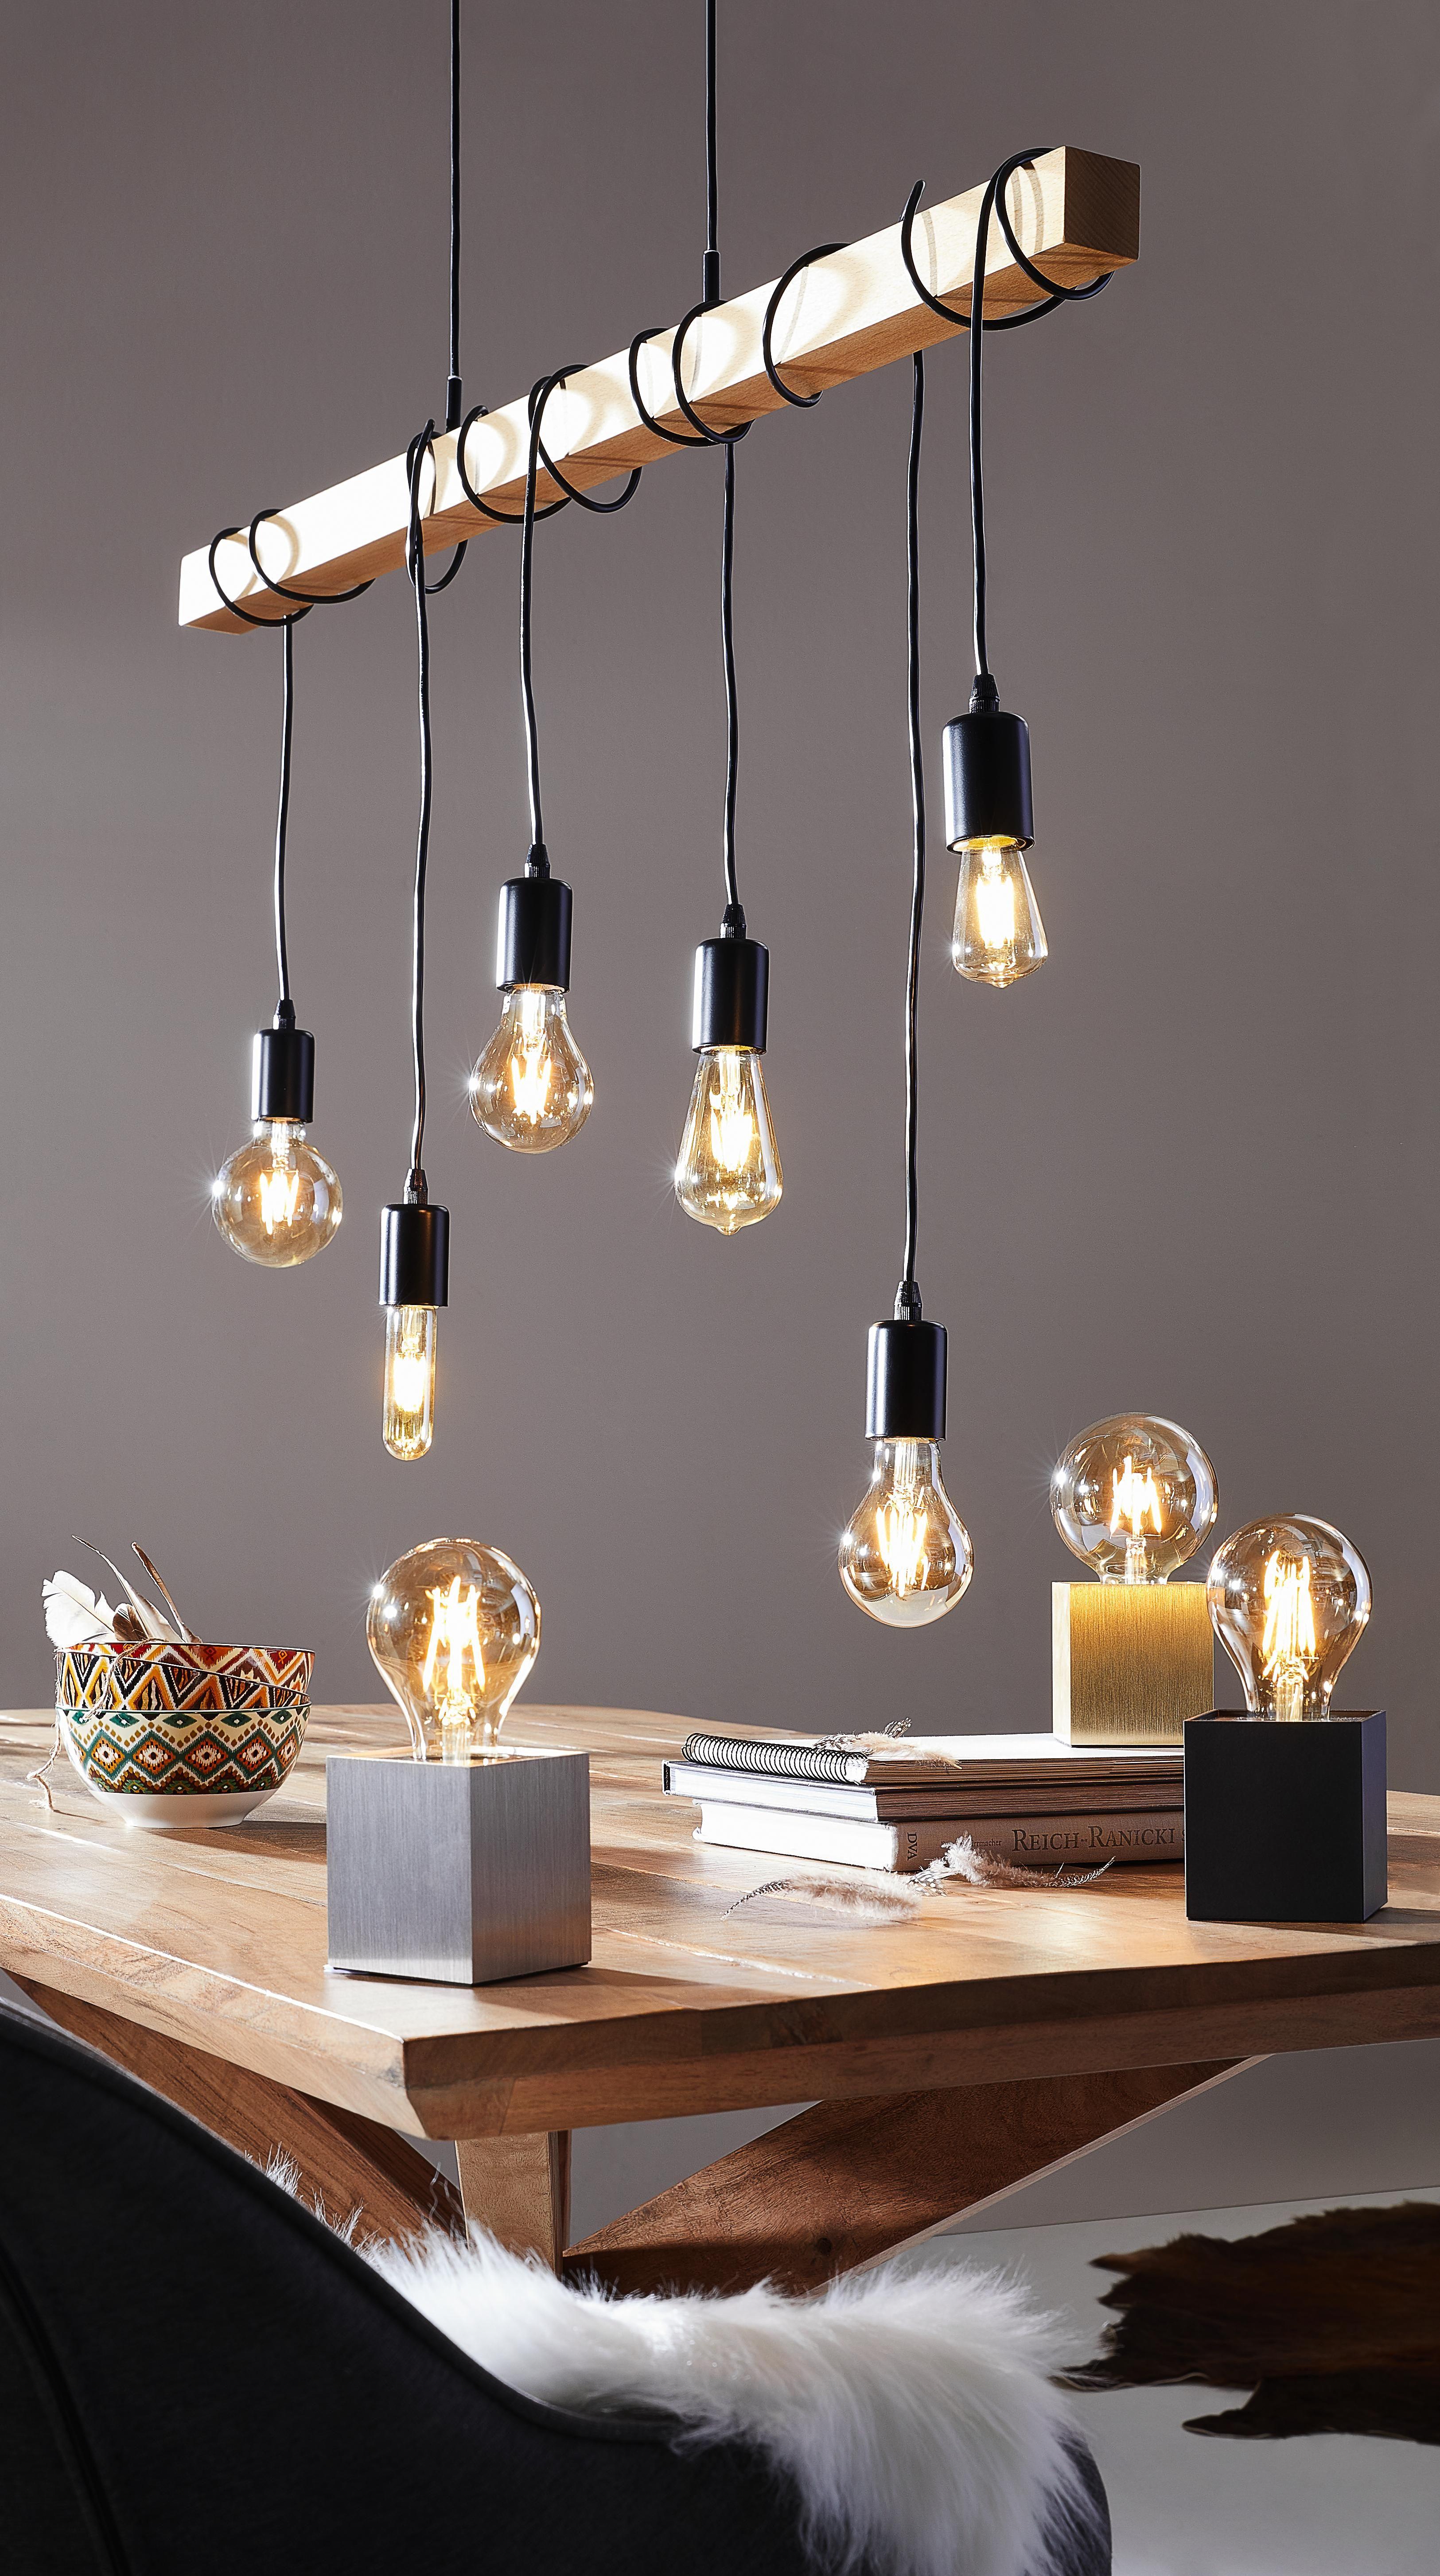 die glühbirne feiert ihr comeback die vintagemodelle mit